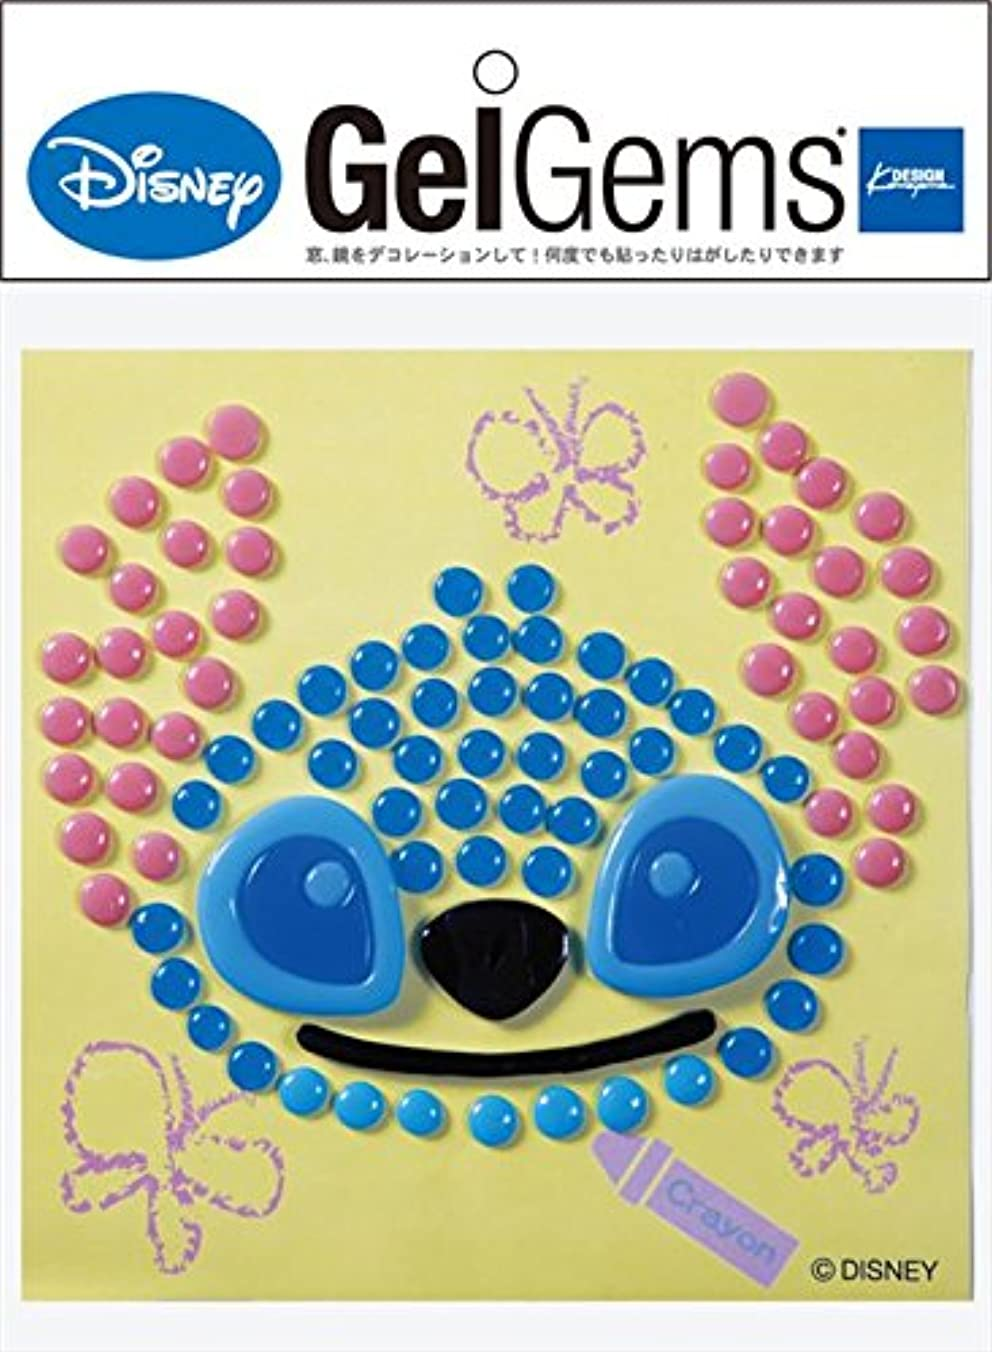 ダンプ上記の頭と肩興味ディズニー(Disney) ジェルジェムディズニーバッグS 「 スティッチドット 」 E1050055